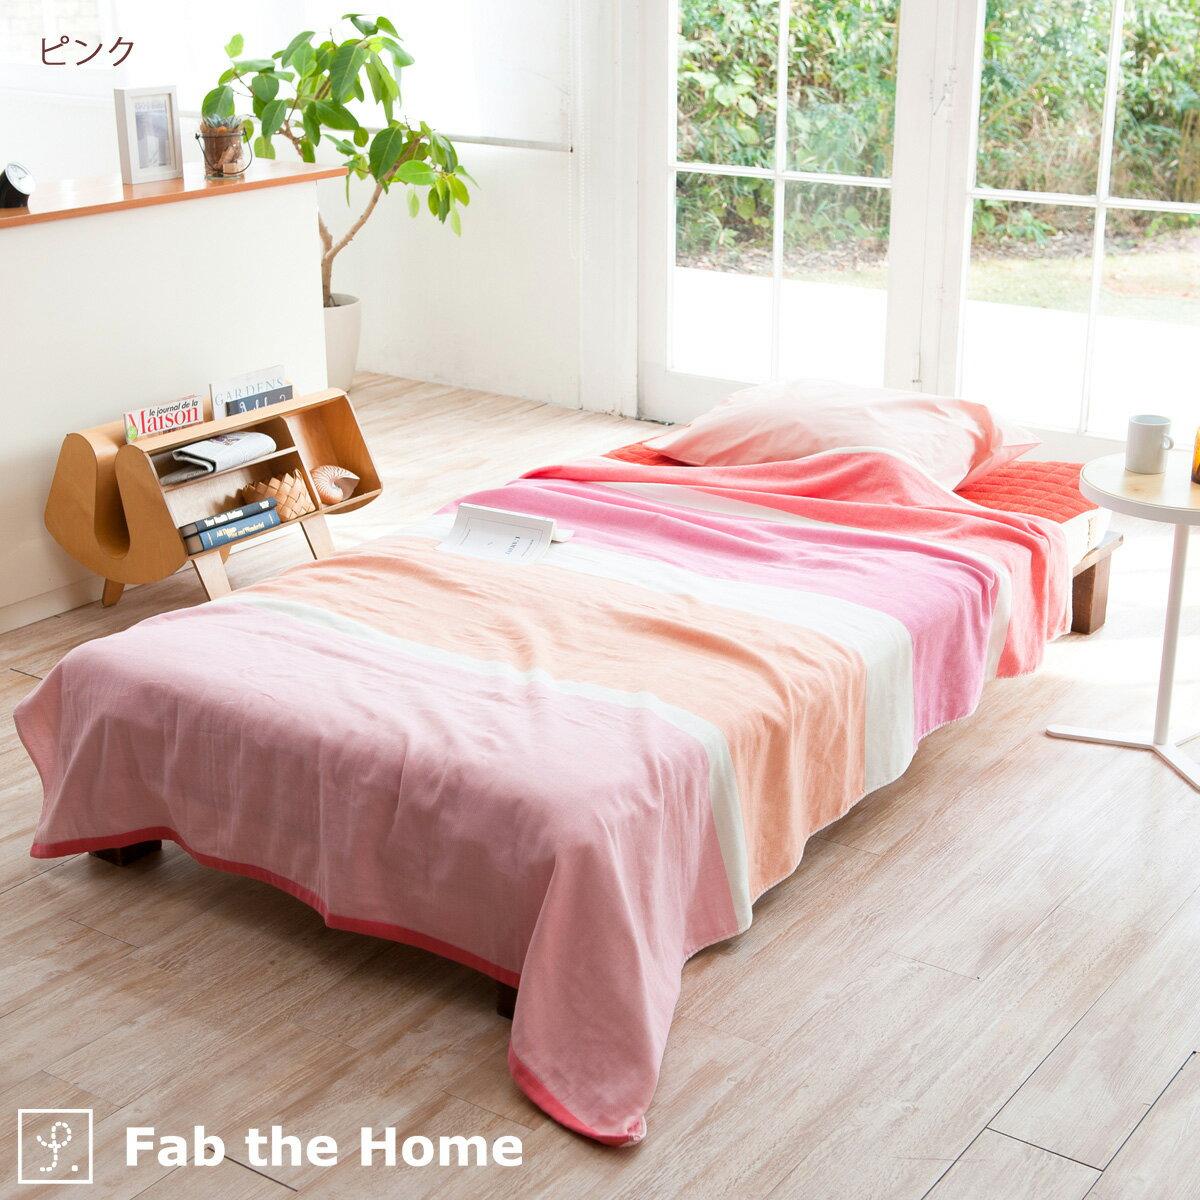 平成ありがとクーポン★Fab the Home~Horizon ホリゾン~ガーゼケット シングル 綿100% 2重ガーゼ シングル